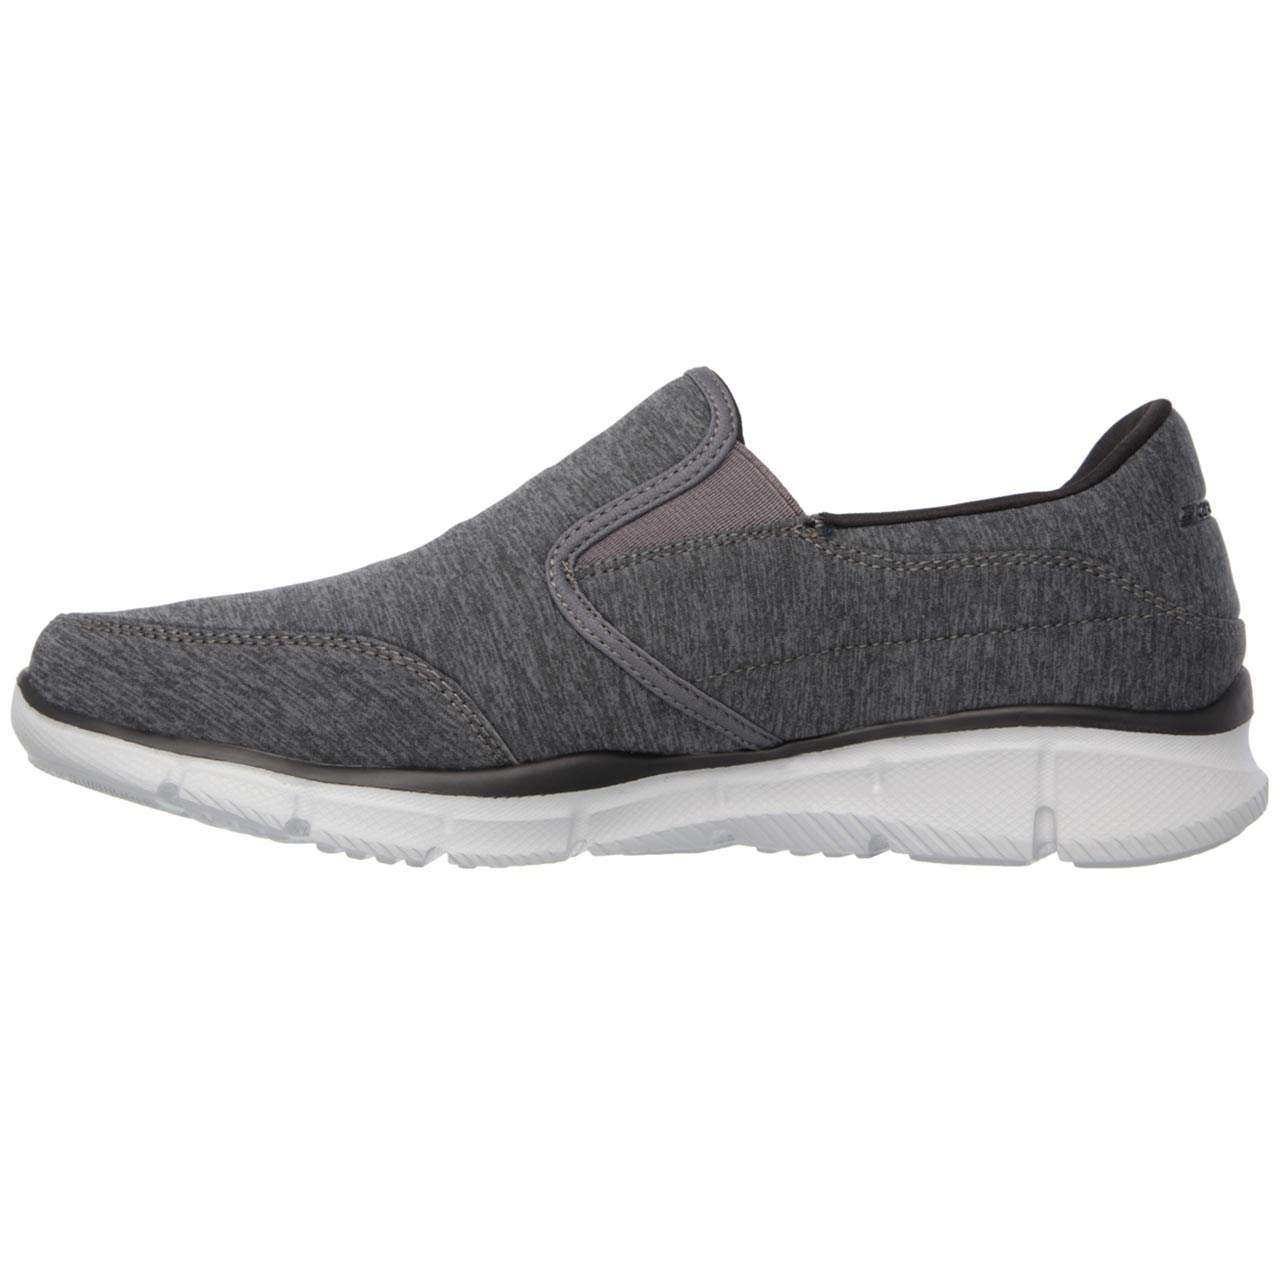 کفش مخصوص دویدن مردانه اسکچرز مدل Equalizer - Forward Thinking